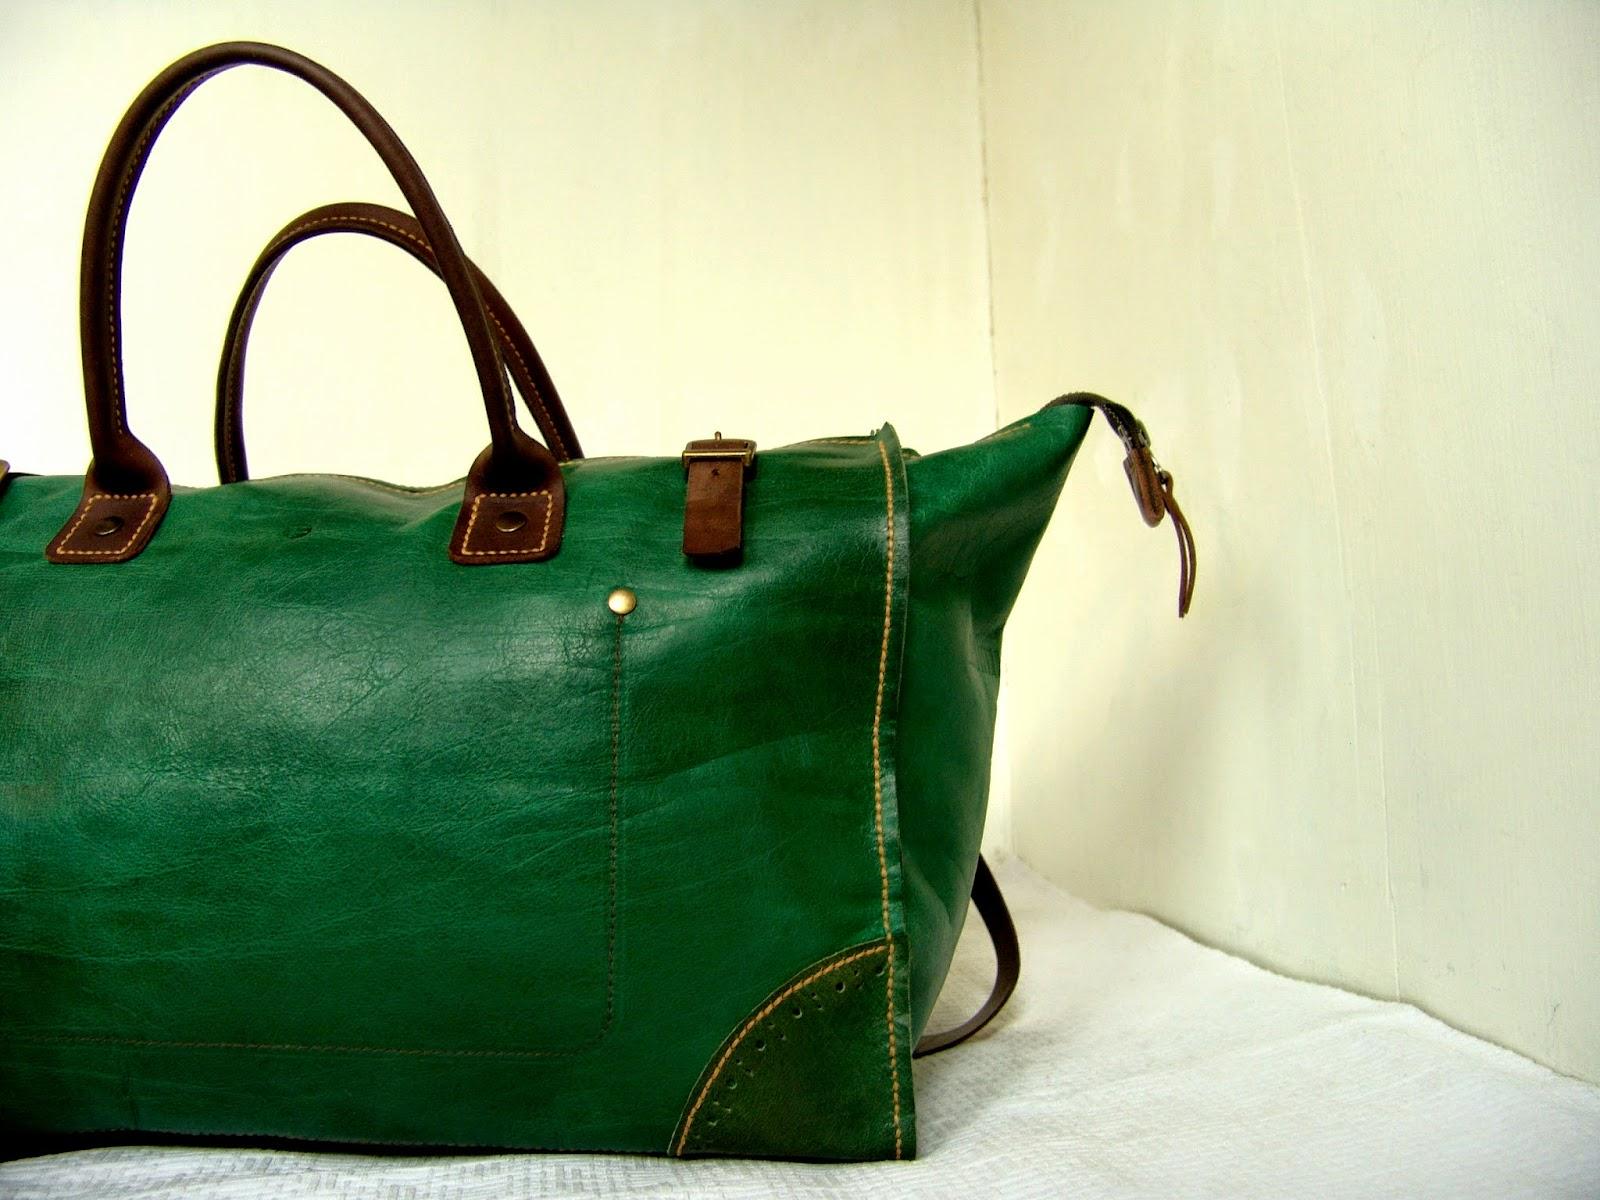 дорожная сумка из кожи